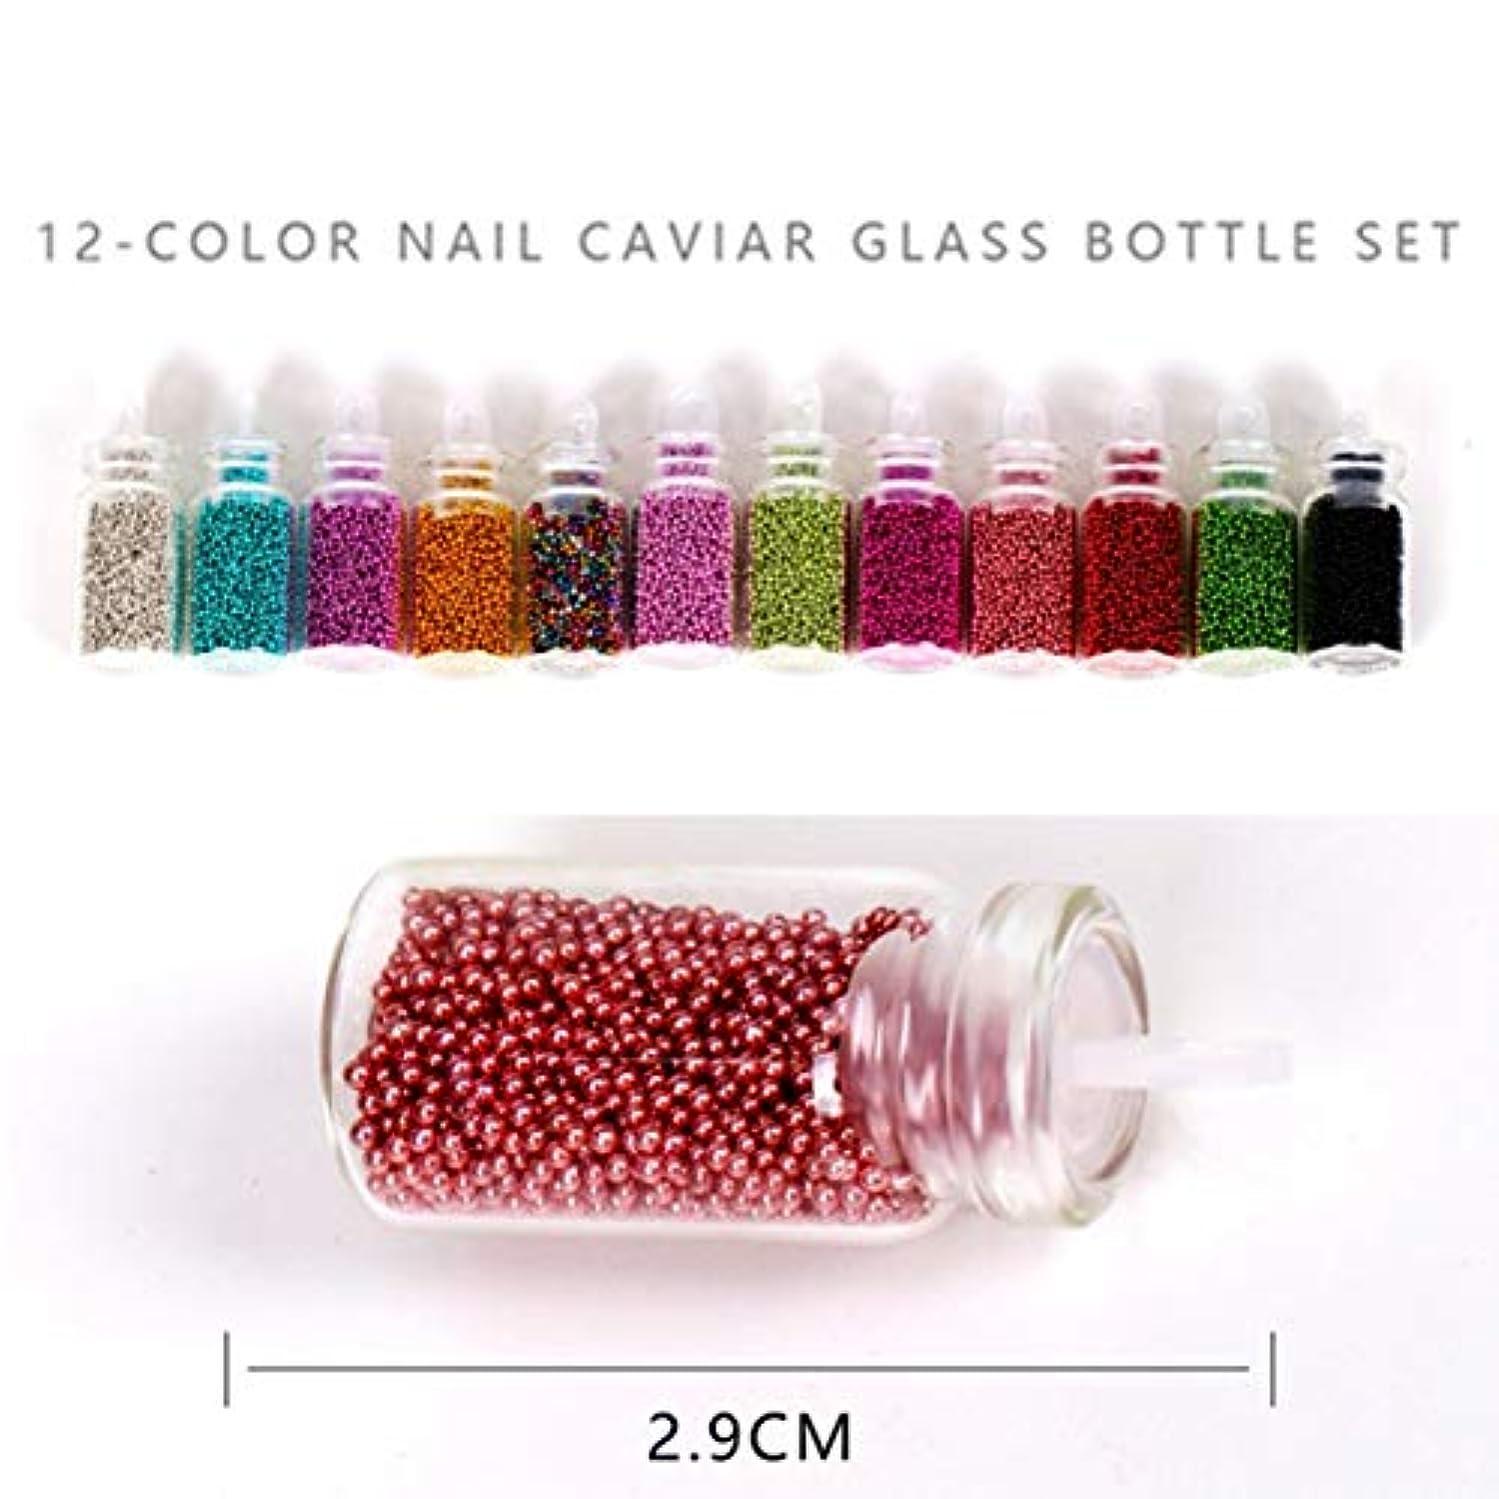 移植保存酔うQuzama-JS 面白いDIYネイルスチールキャビアカラー1 mm小さなスチールボール12色混合カラーネイルアート装飾スーツ(None 12 Color Caviar Set)